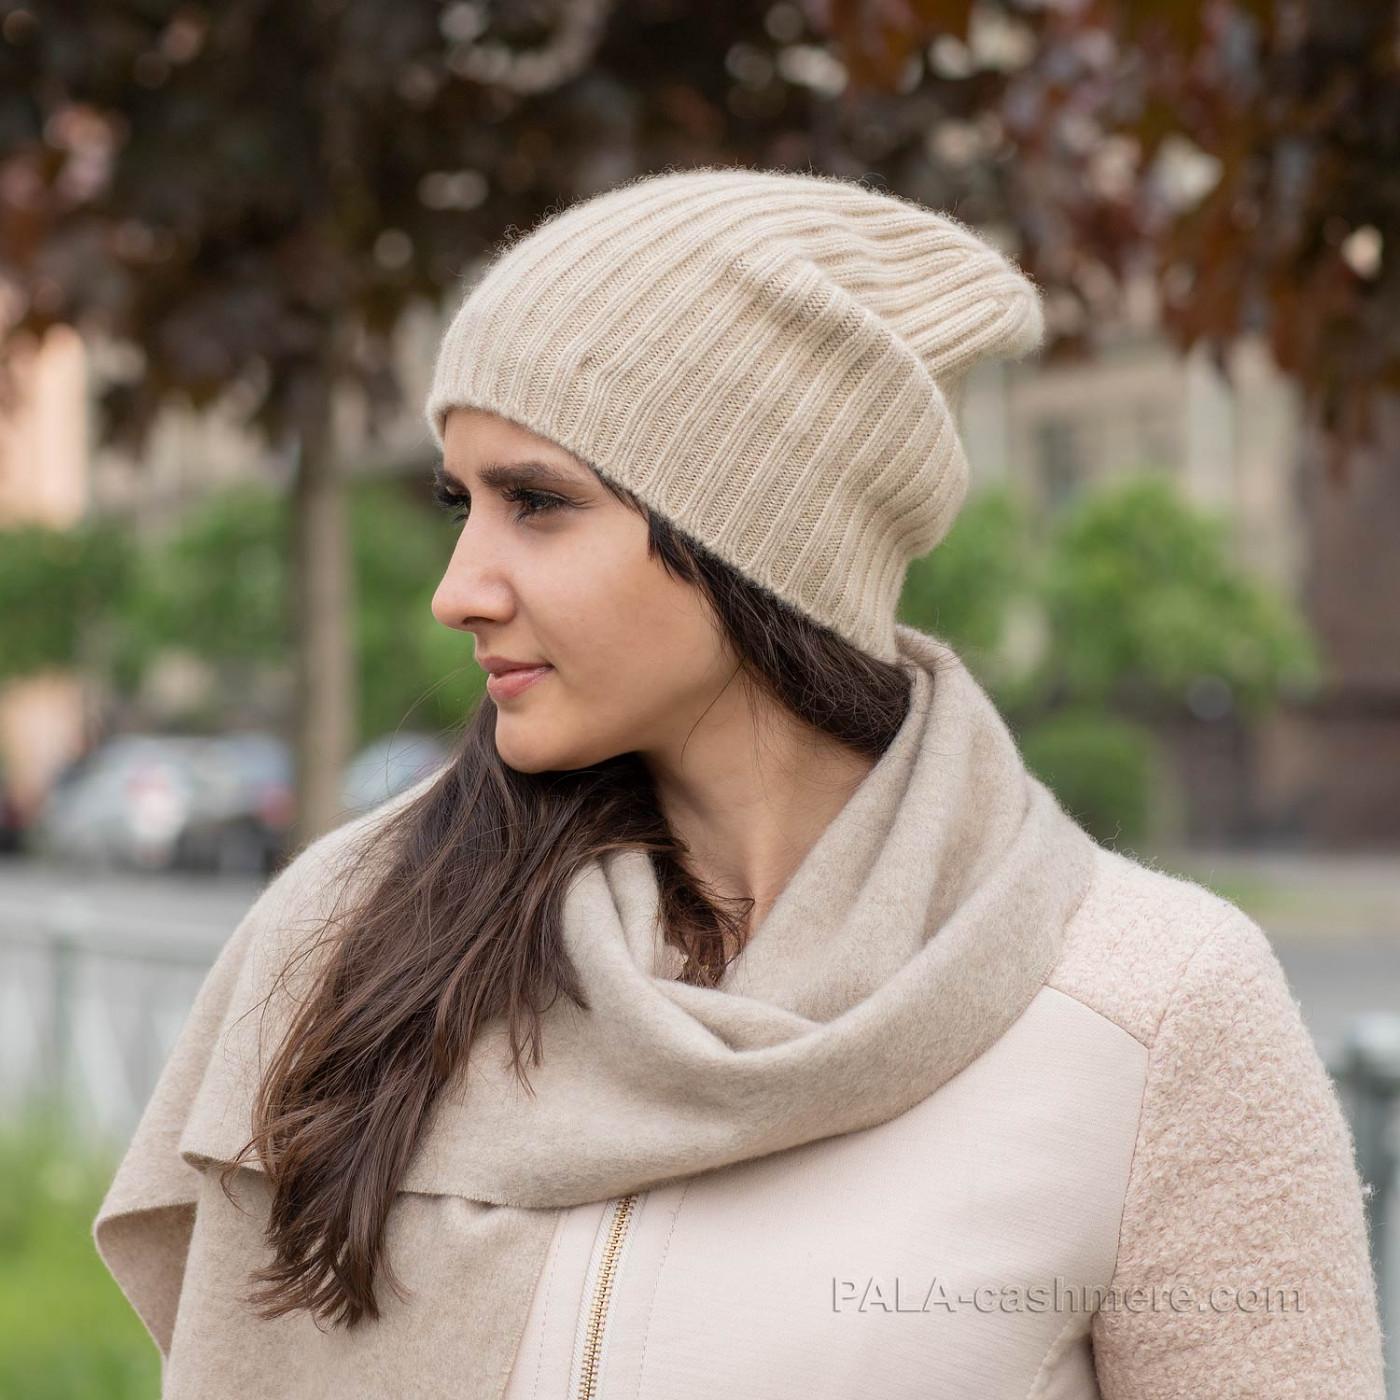 Warm women's cashmere hat